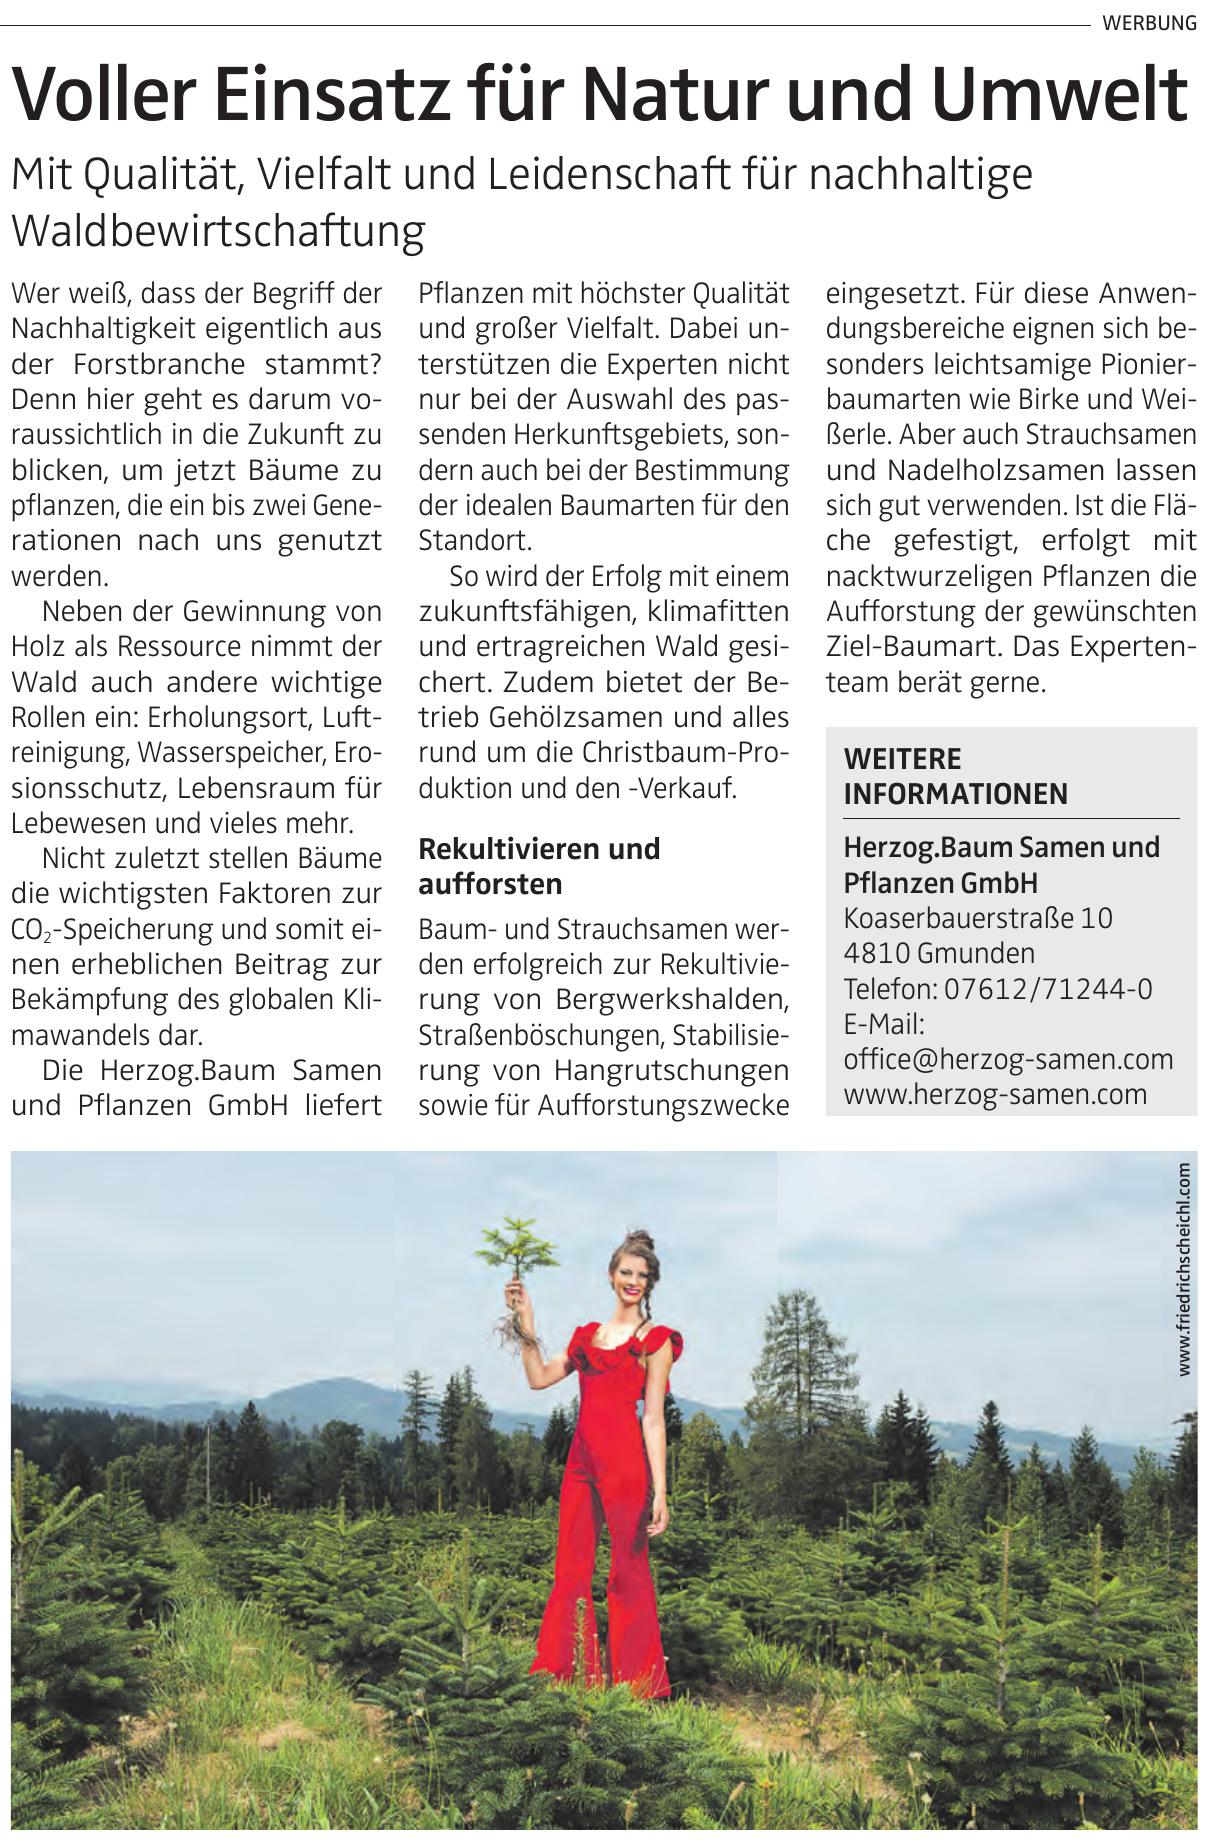 Herzog.Baum Samen und Pflanzen GmbH